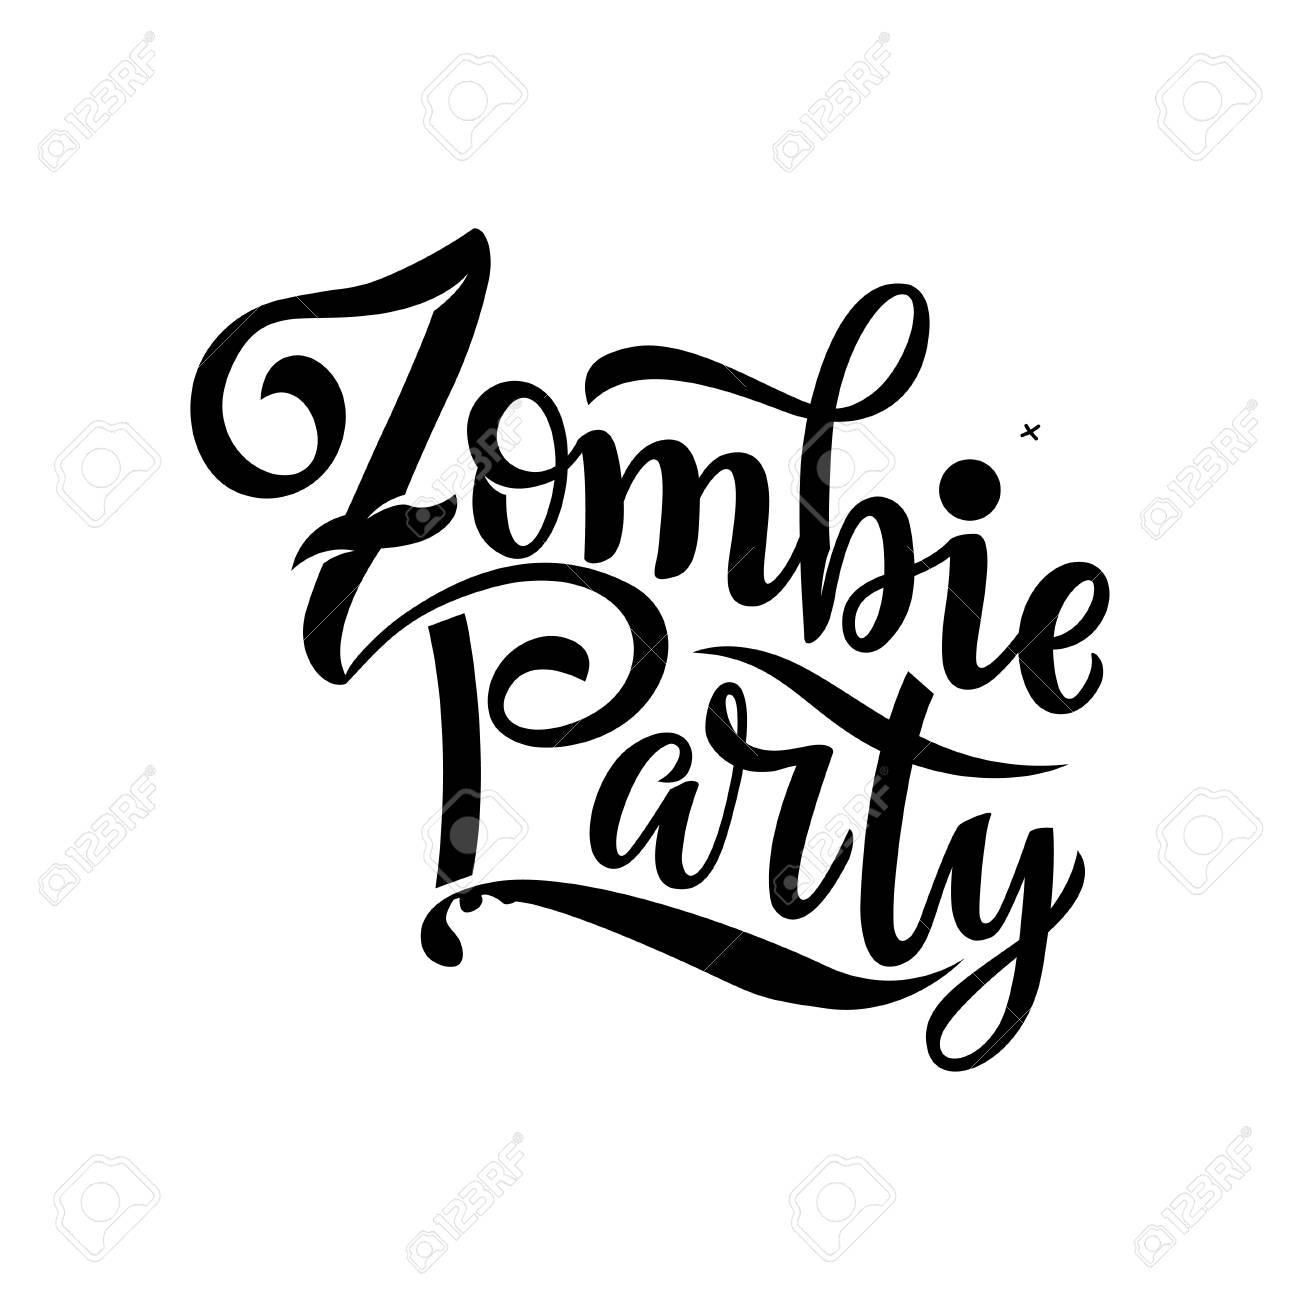 Ilustración De Vector De Texto De La Fiesta Zombie Para La Invitación Del Partido Tarjeta De Felicitación Banner Cartel De Fiesta De Zombie De